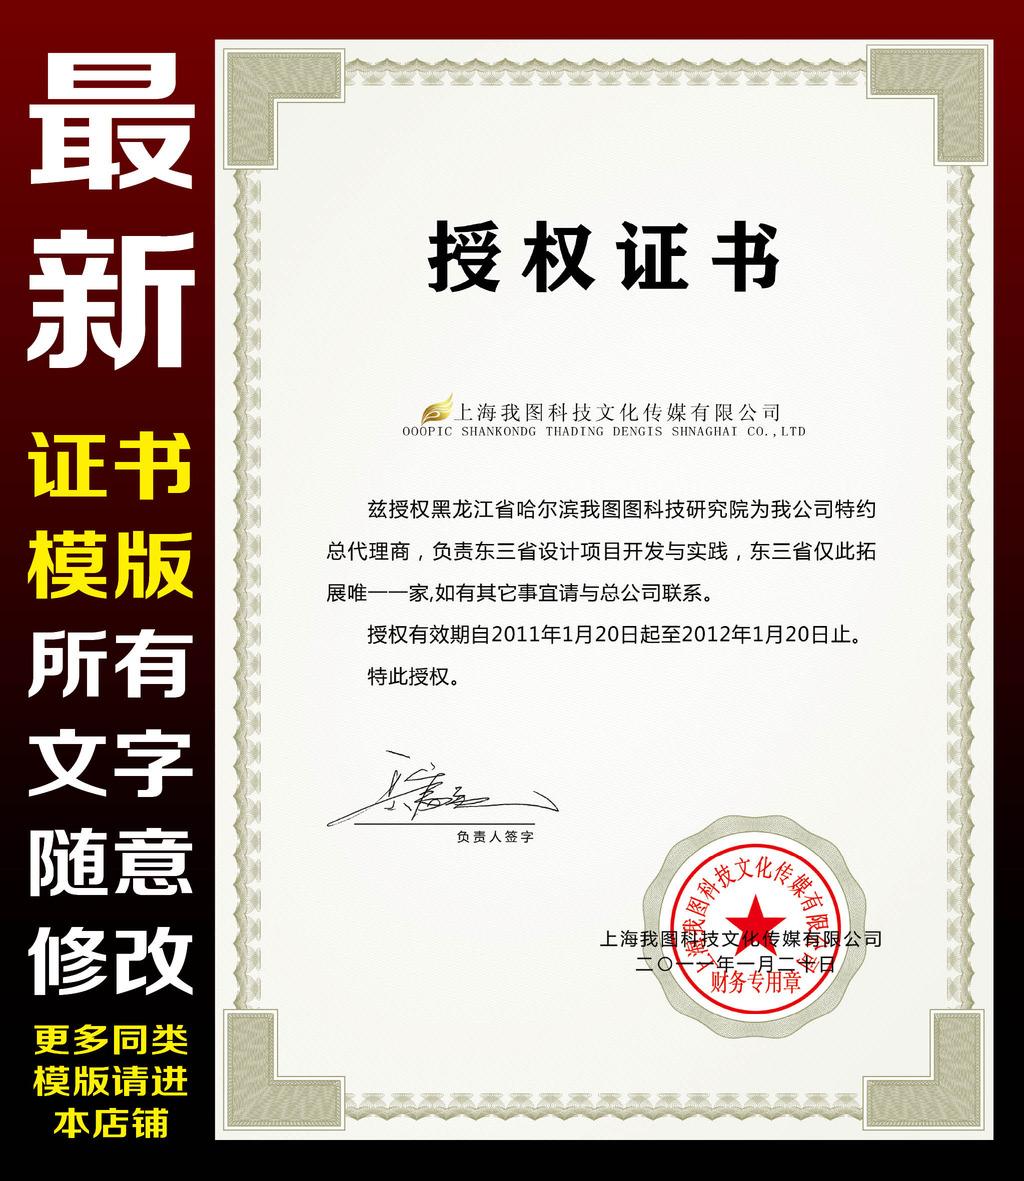 经销证书 销售合同书 防伪花纹 欧式底纹 边框图案 荣誉证书 聘书